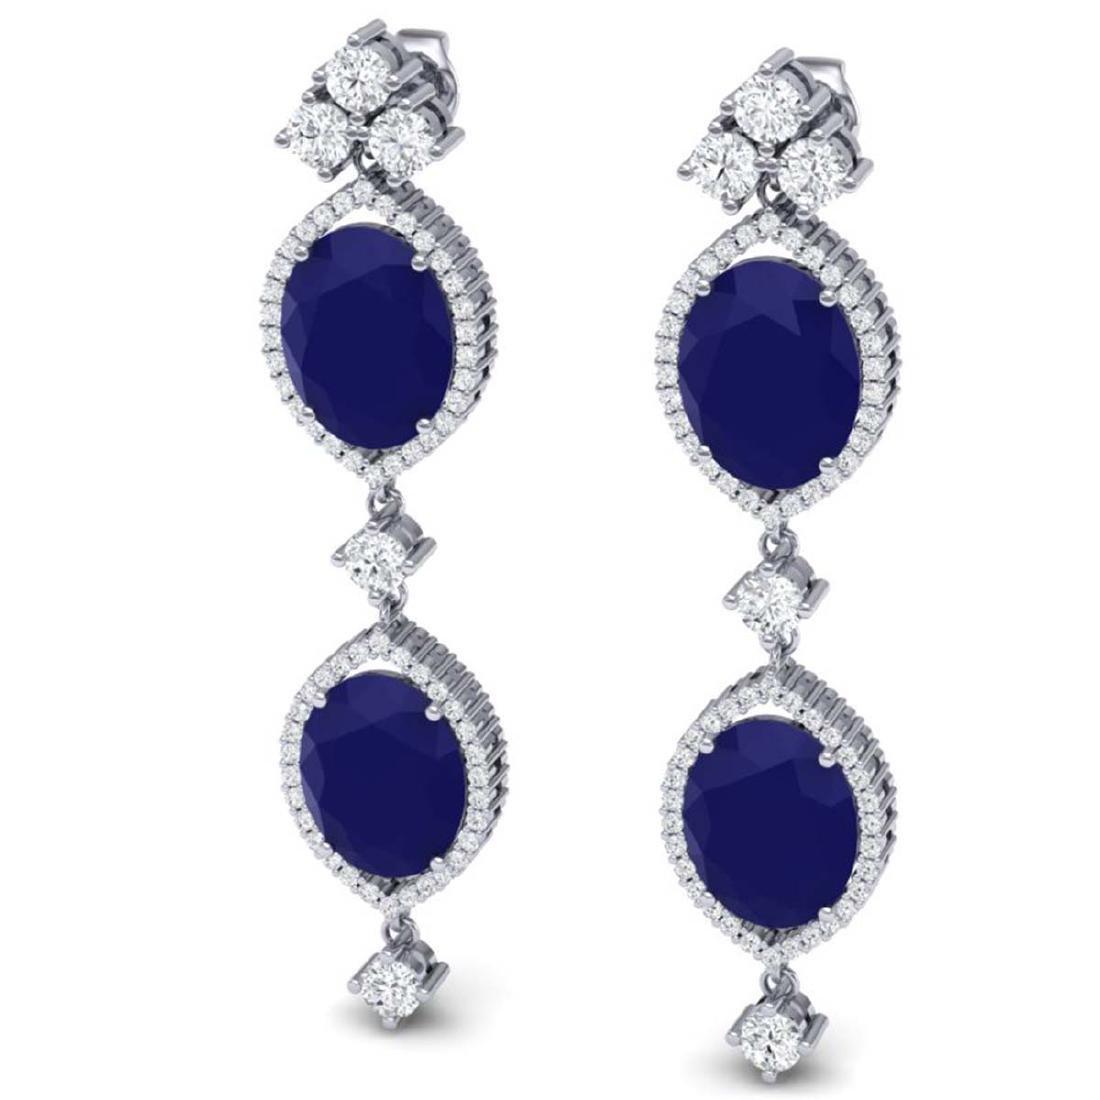 15.81 ctw Sapphire & VS Diamond Earrings 18K White Gold - 2